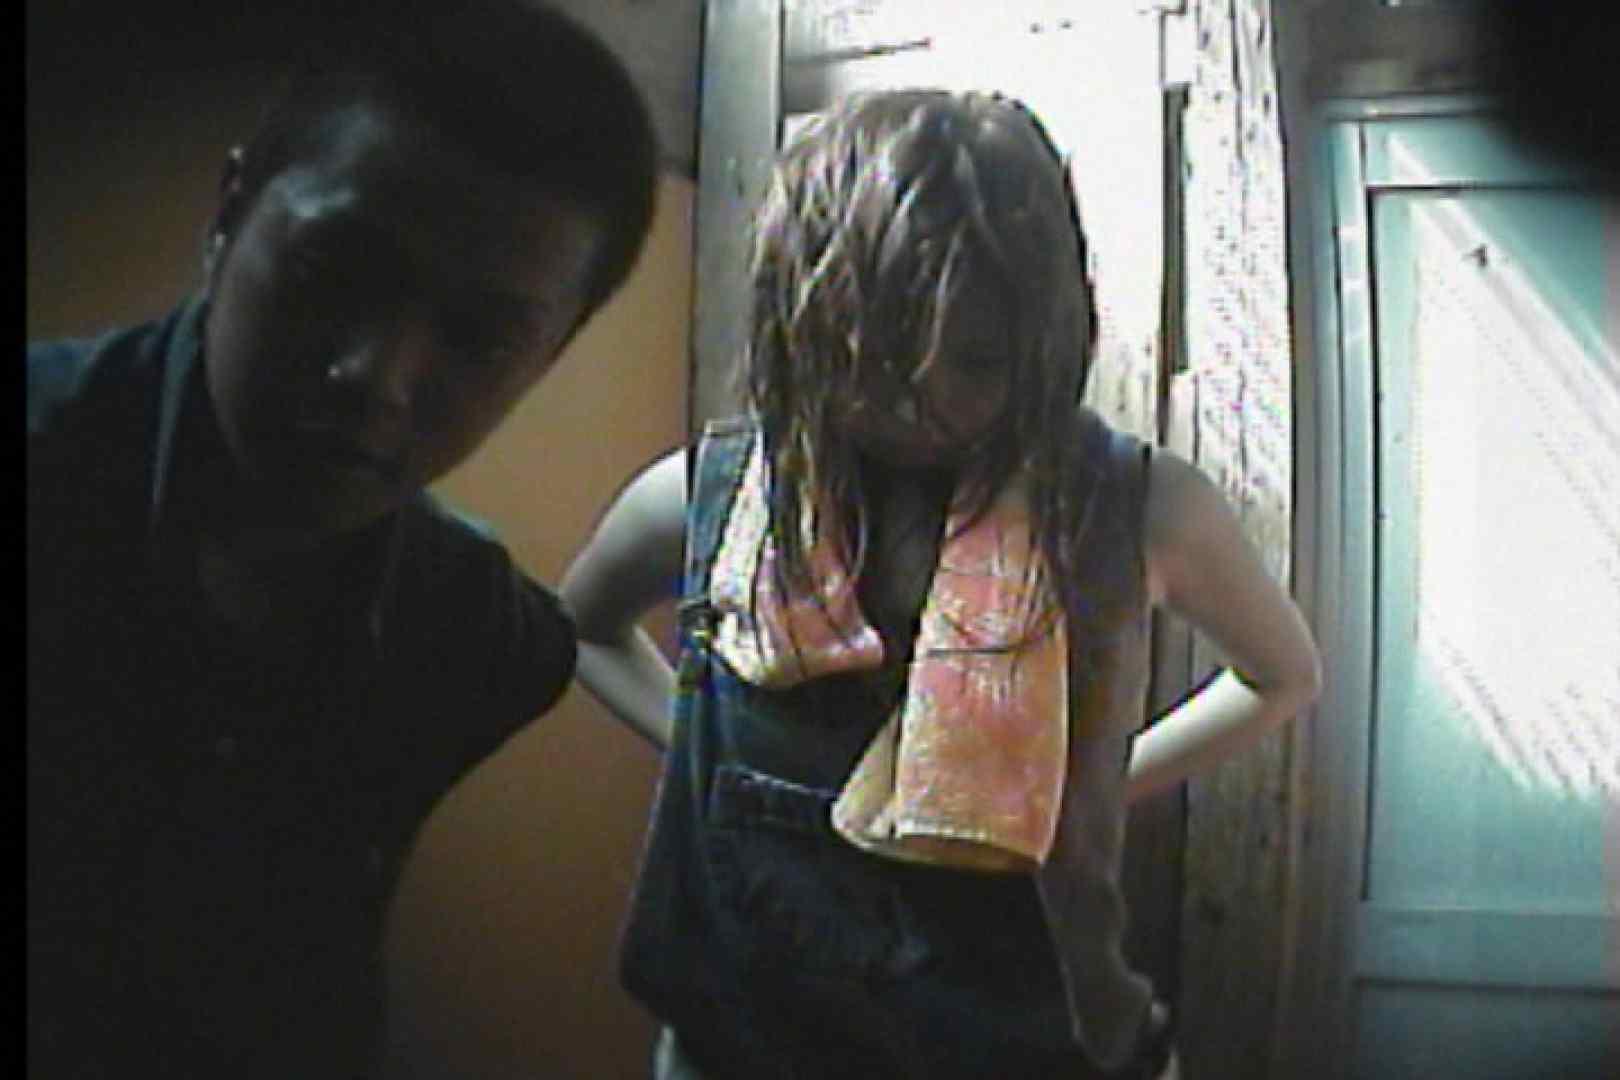 海の家の更衣室 Vol.47 シャワー オマンコ無修正動画無料 76枚 12